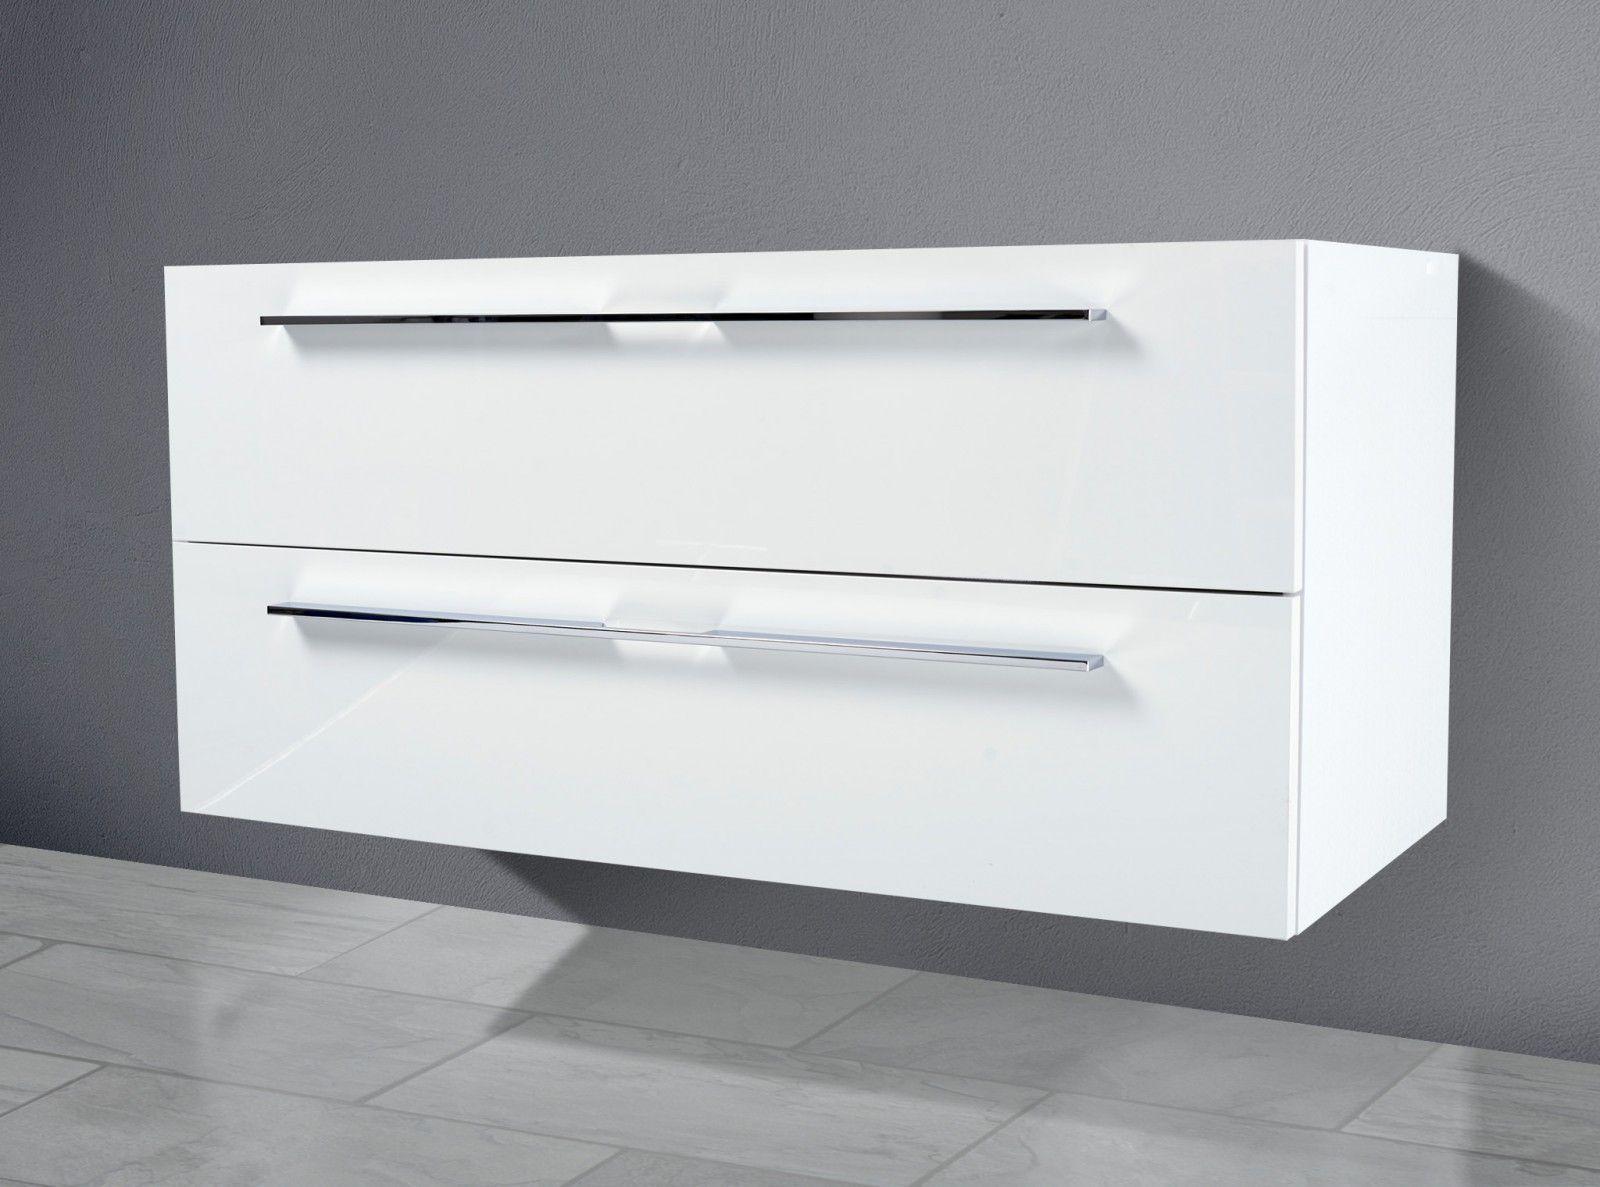 Relativ Waschtisch Unterschrank zu Ideal Standard Daylight Waschtisch 70  VP82